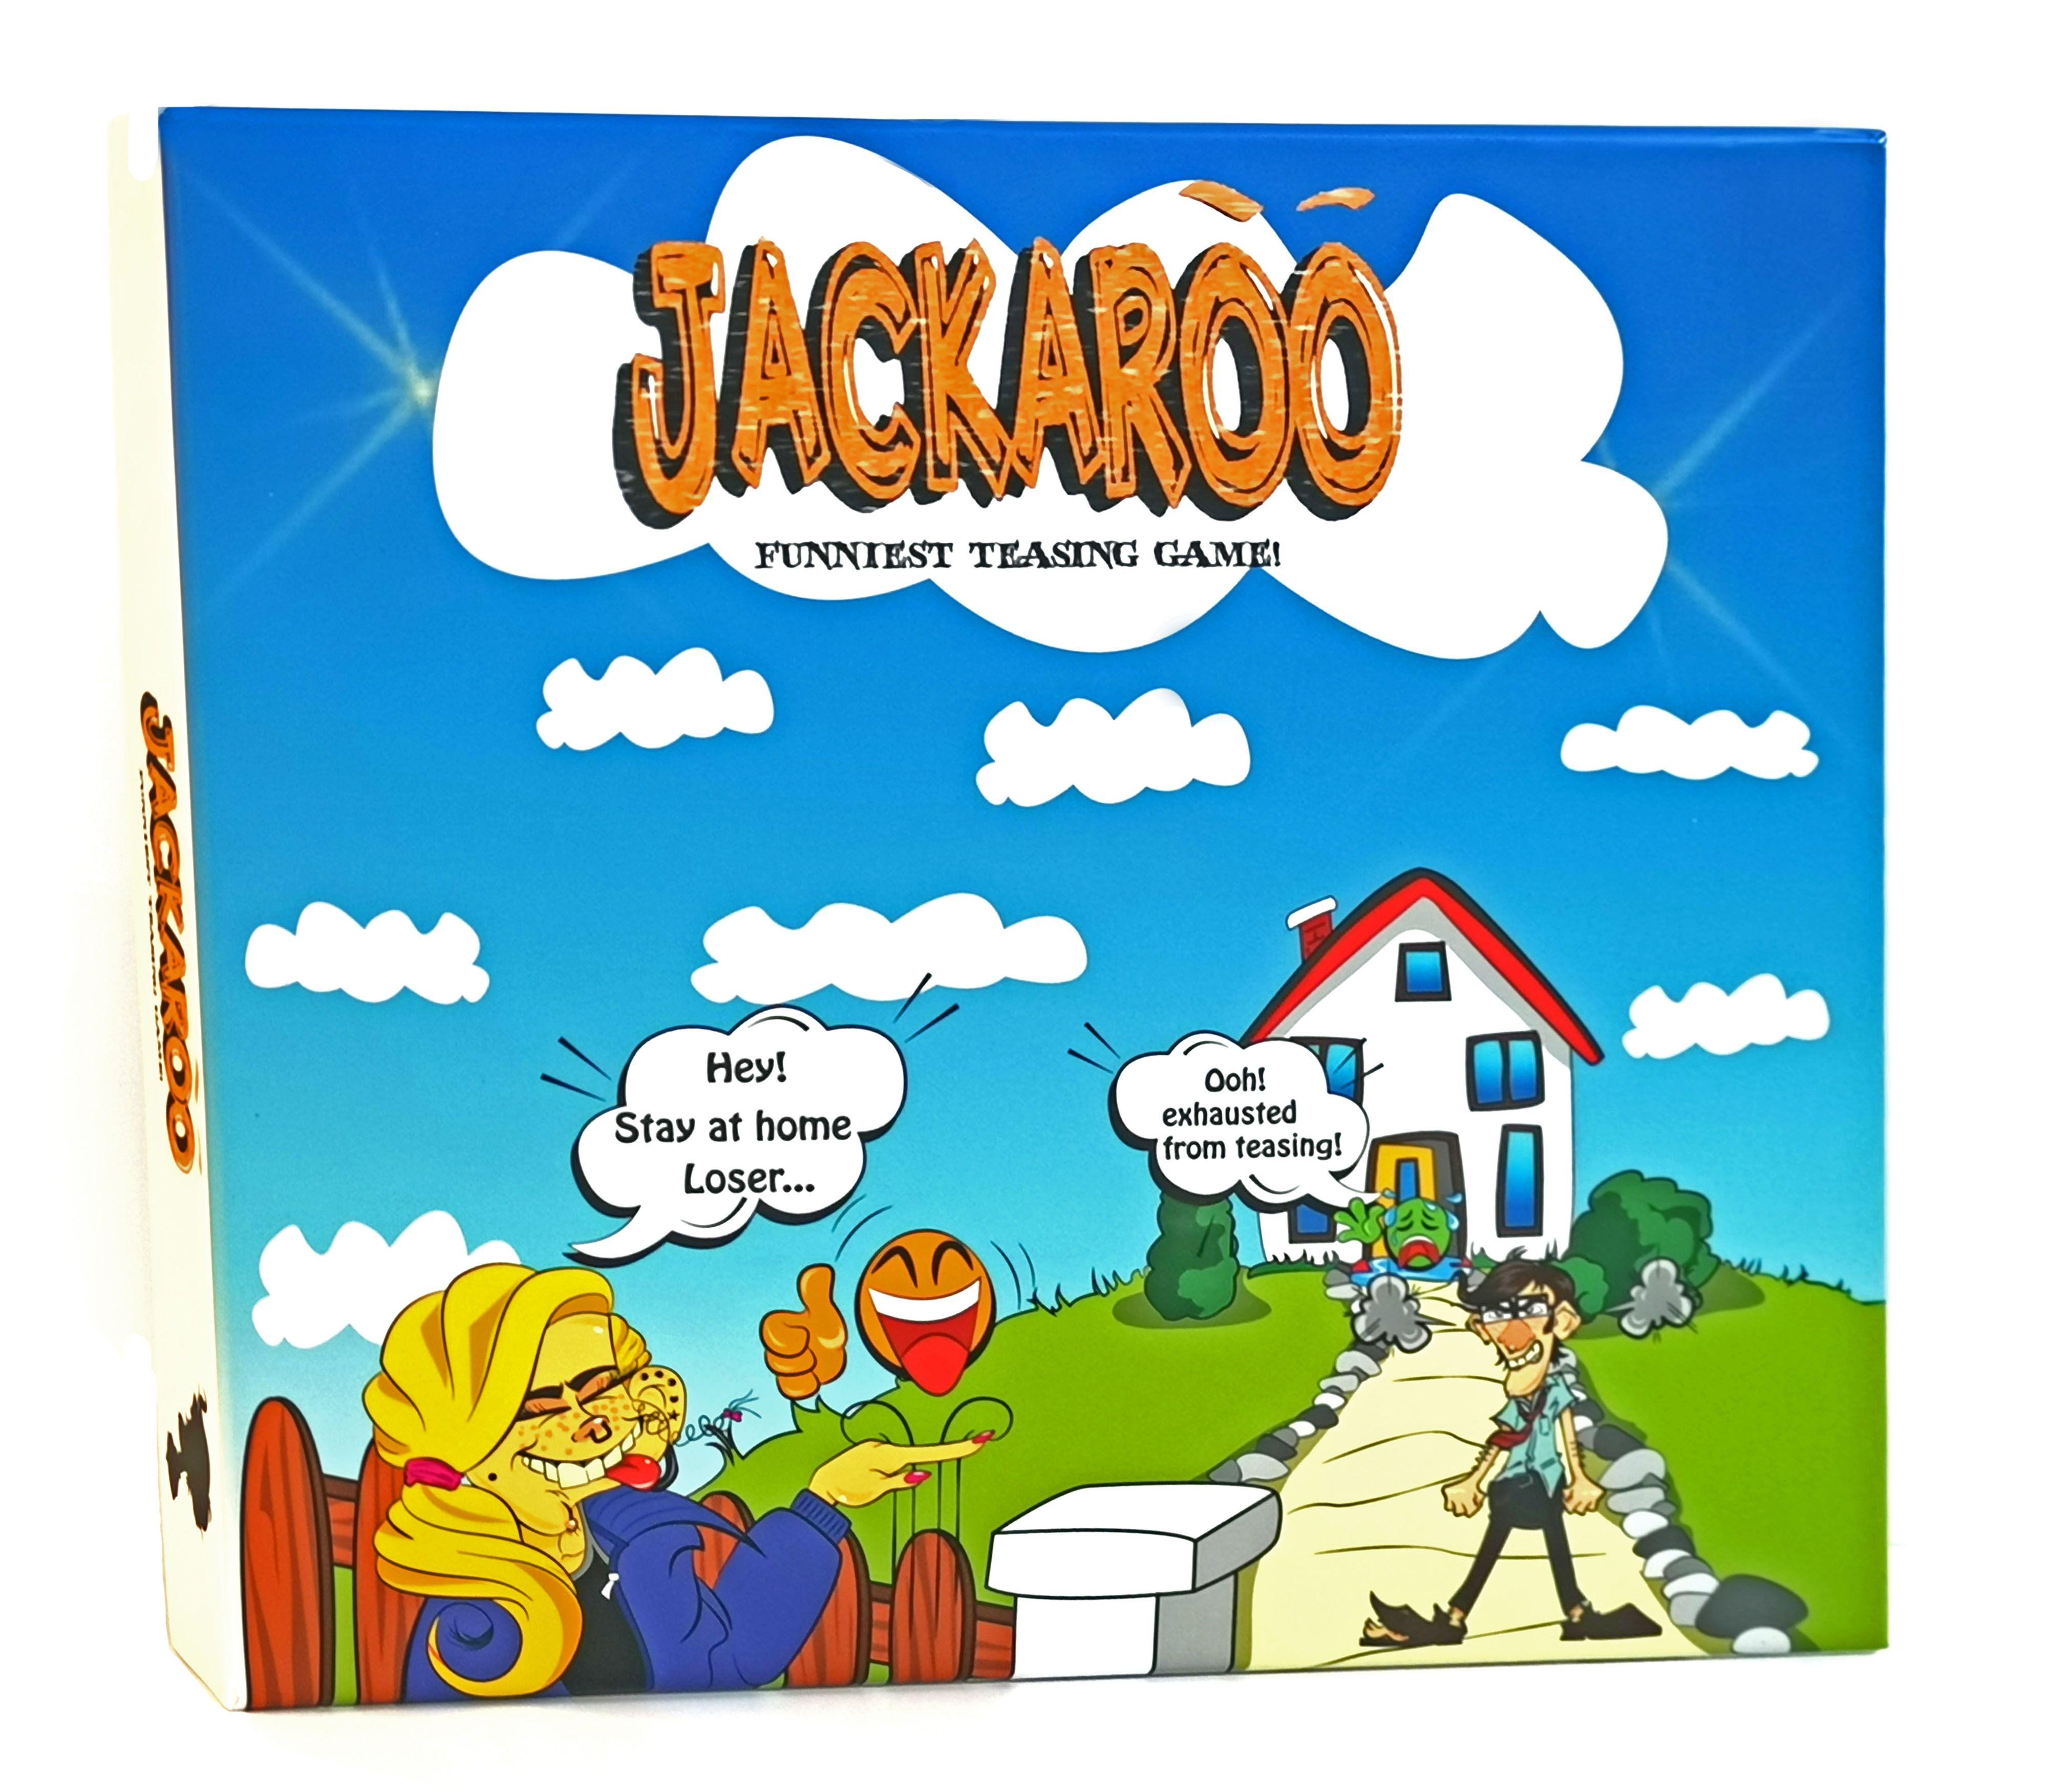 Jackaroo Teasing Game